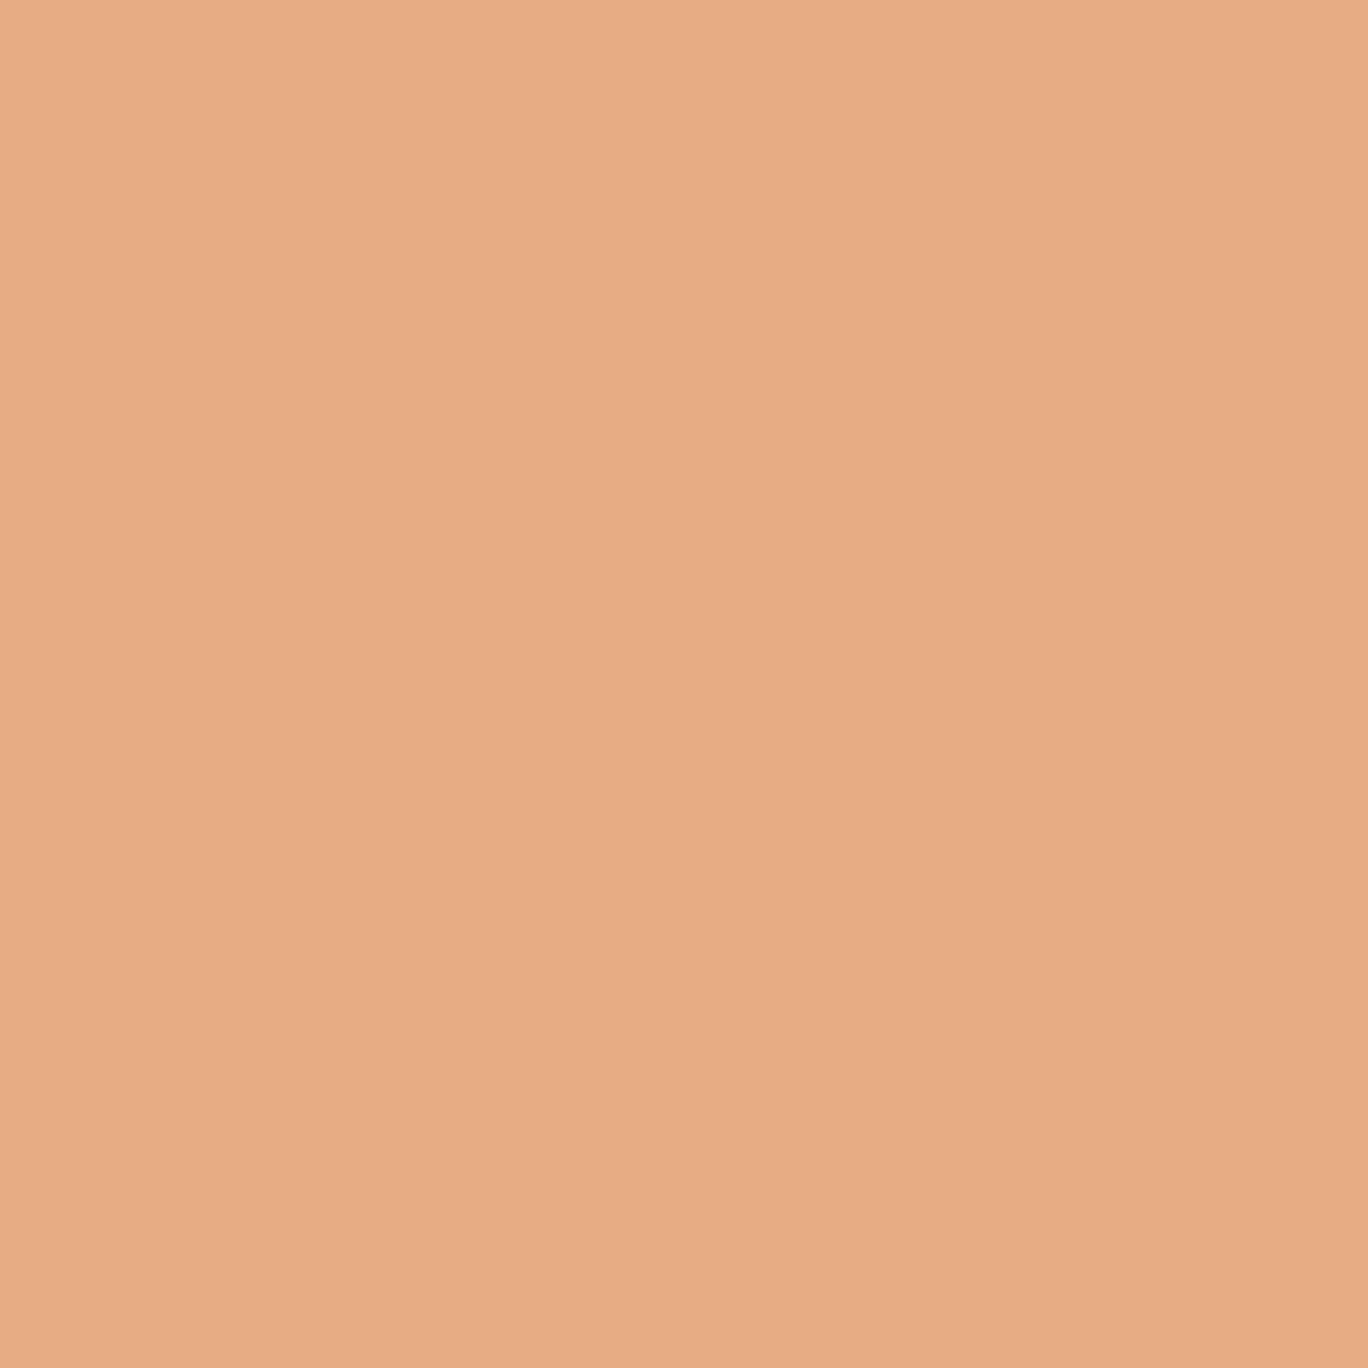 決してケニア故障中SANMIMORE(サンミモレ化粧品) UVパクト 56号ライトピンク (レフィル 替パフ付)